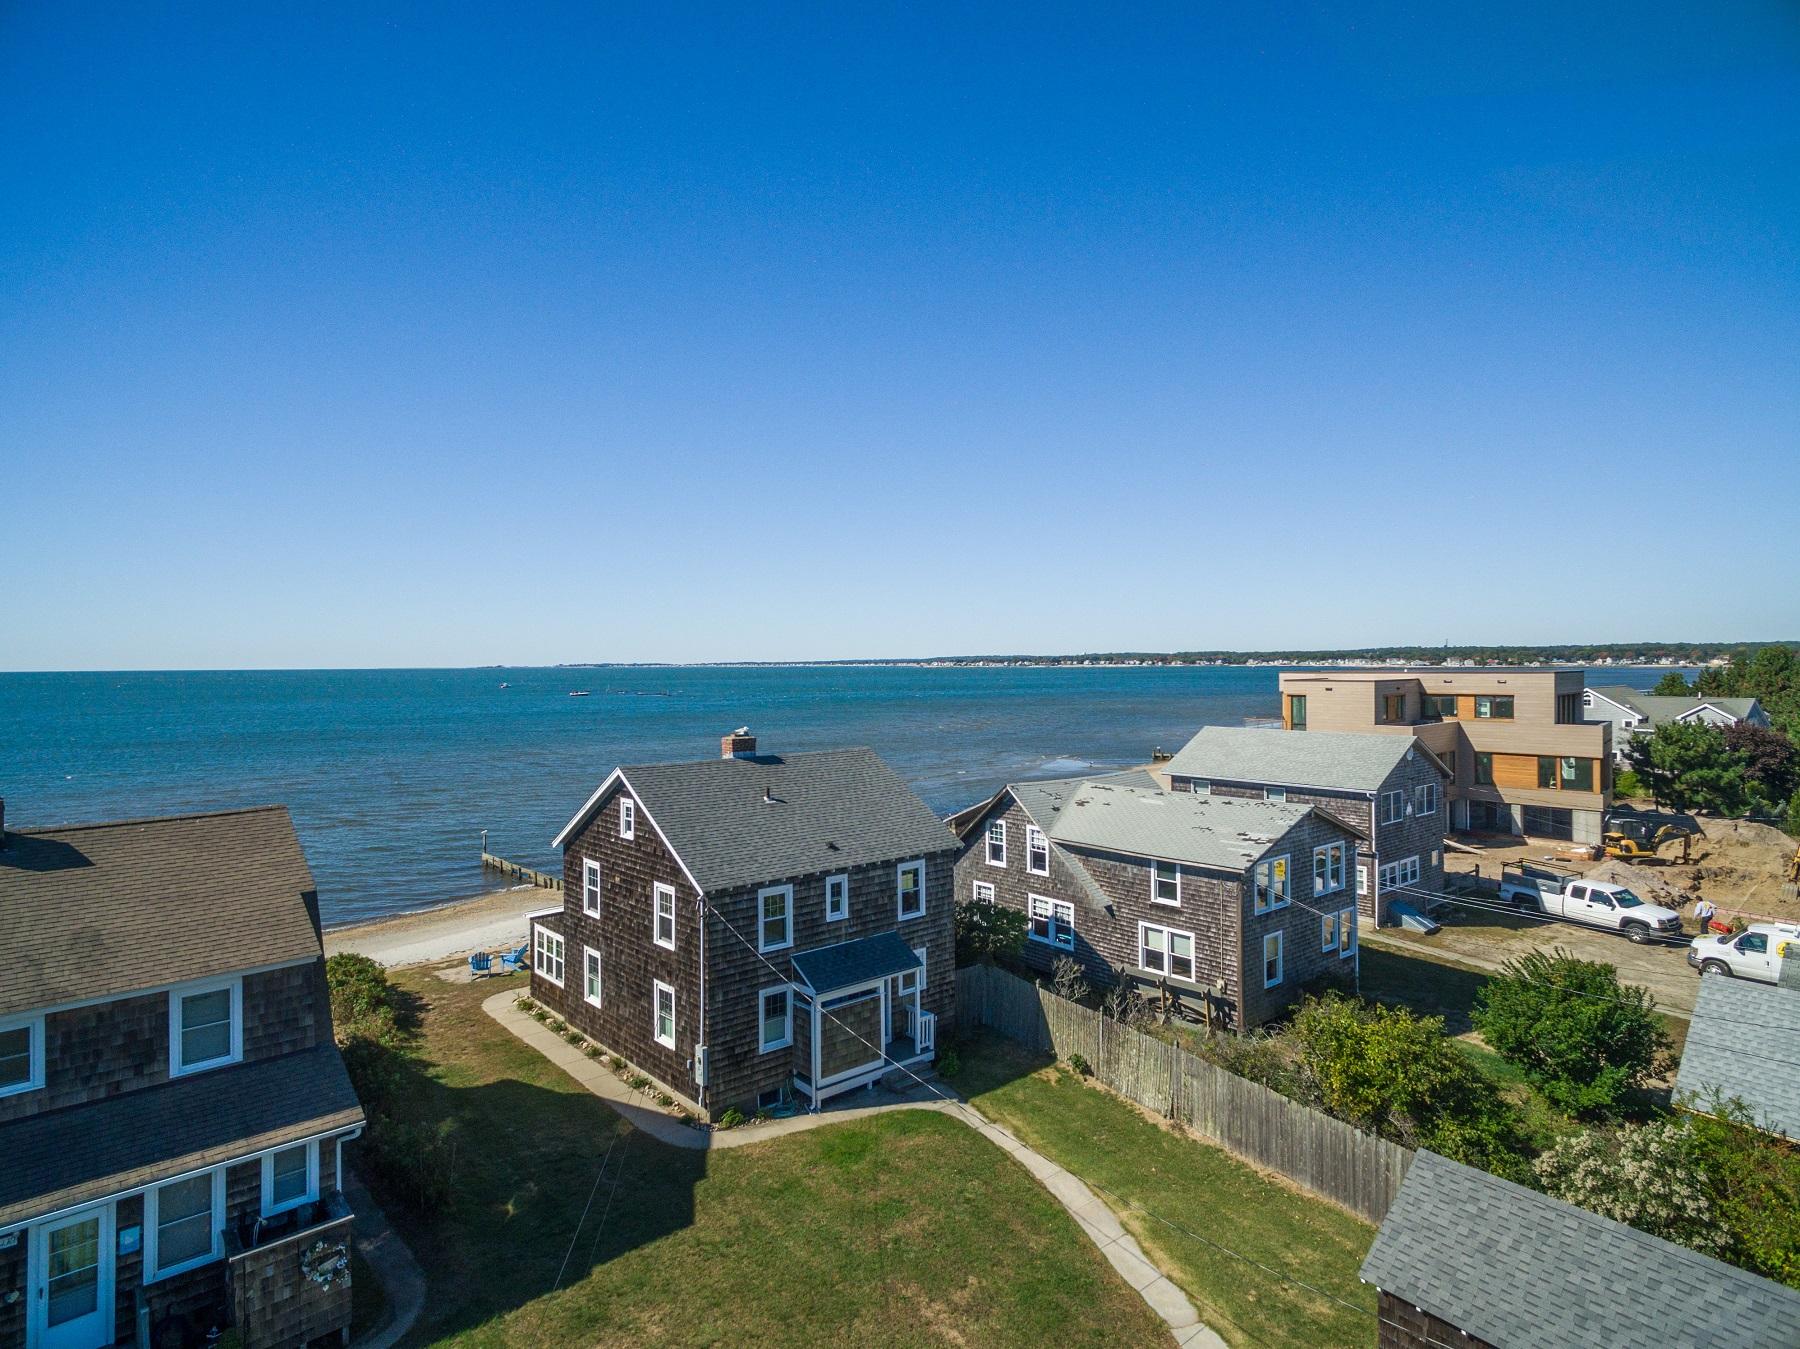 Einfamilienhaus für Verkauf beim Quintessential Waterfront Cottage 121 Plum Bank Road Old Saybrook, Connecticut, 06475 Vereinigte Staaten